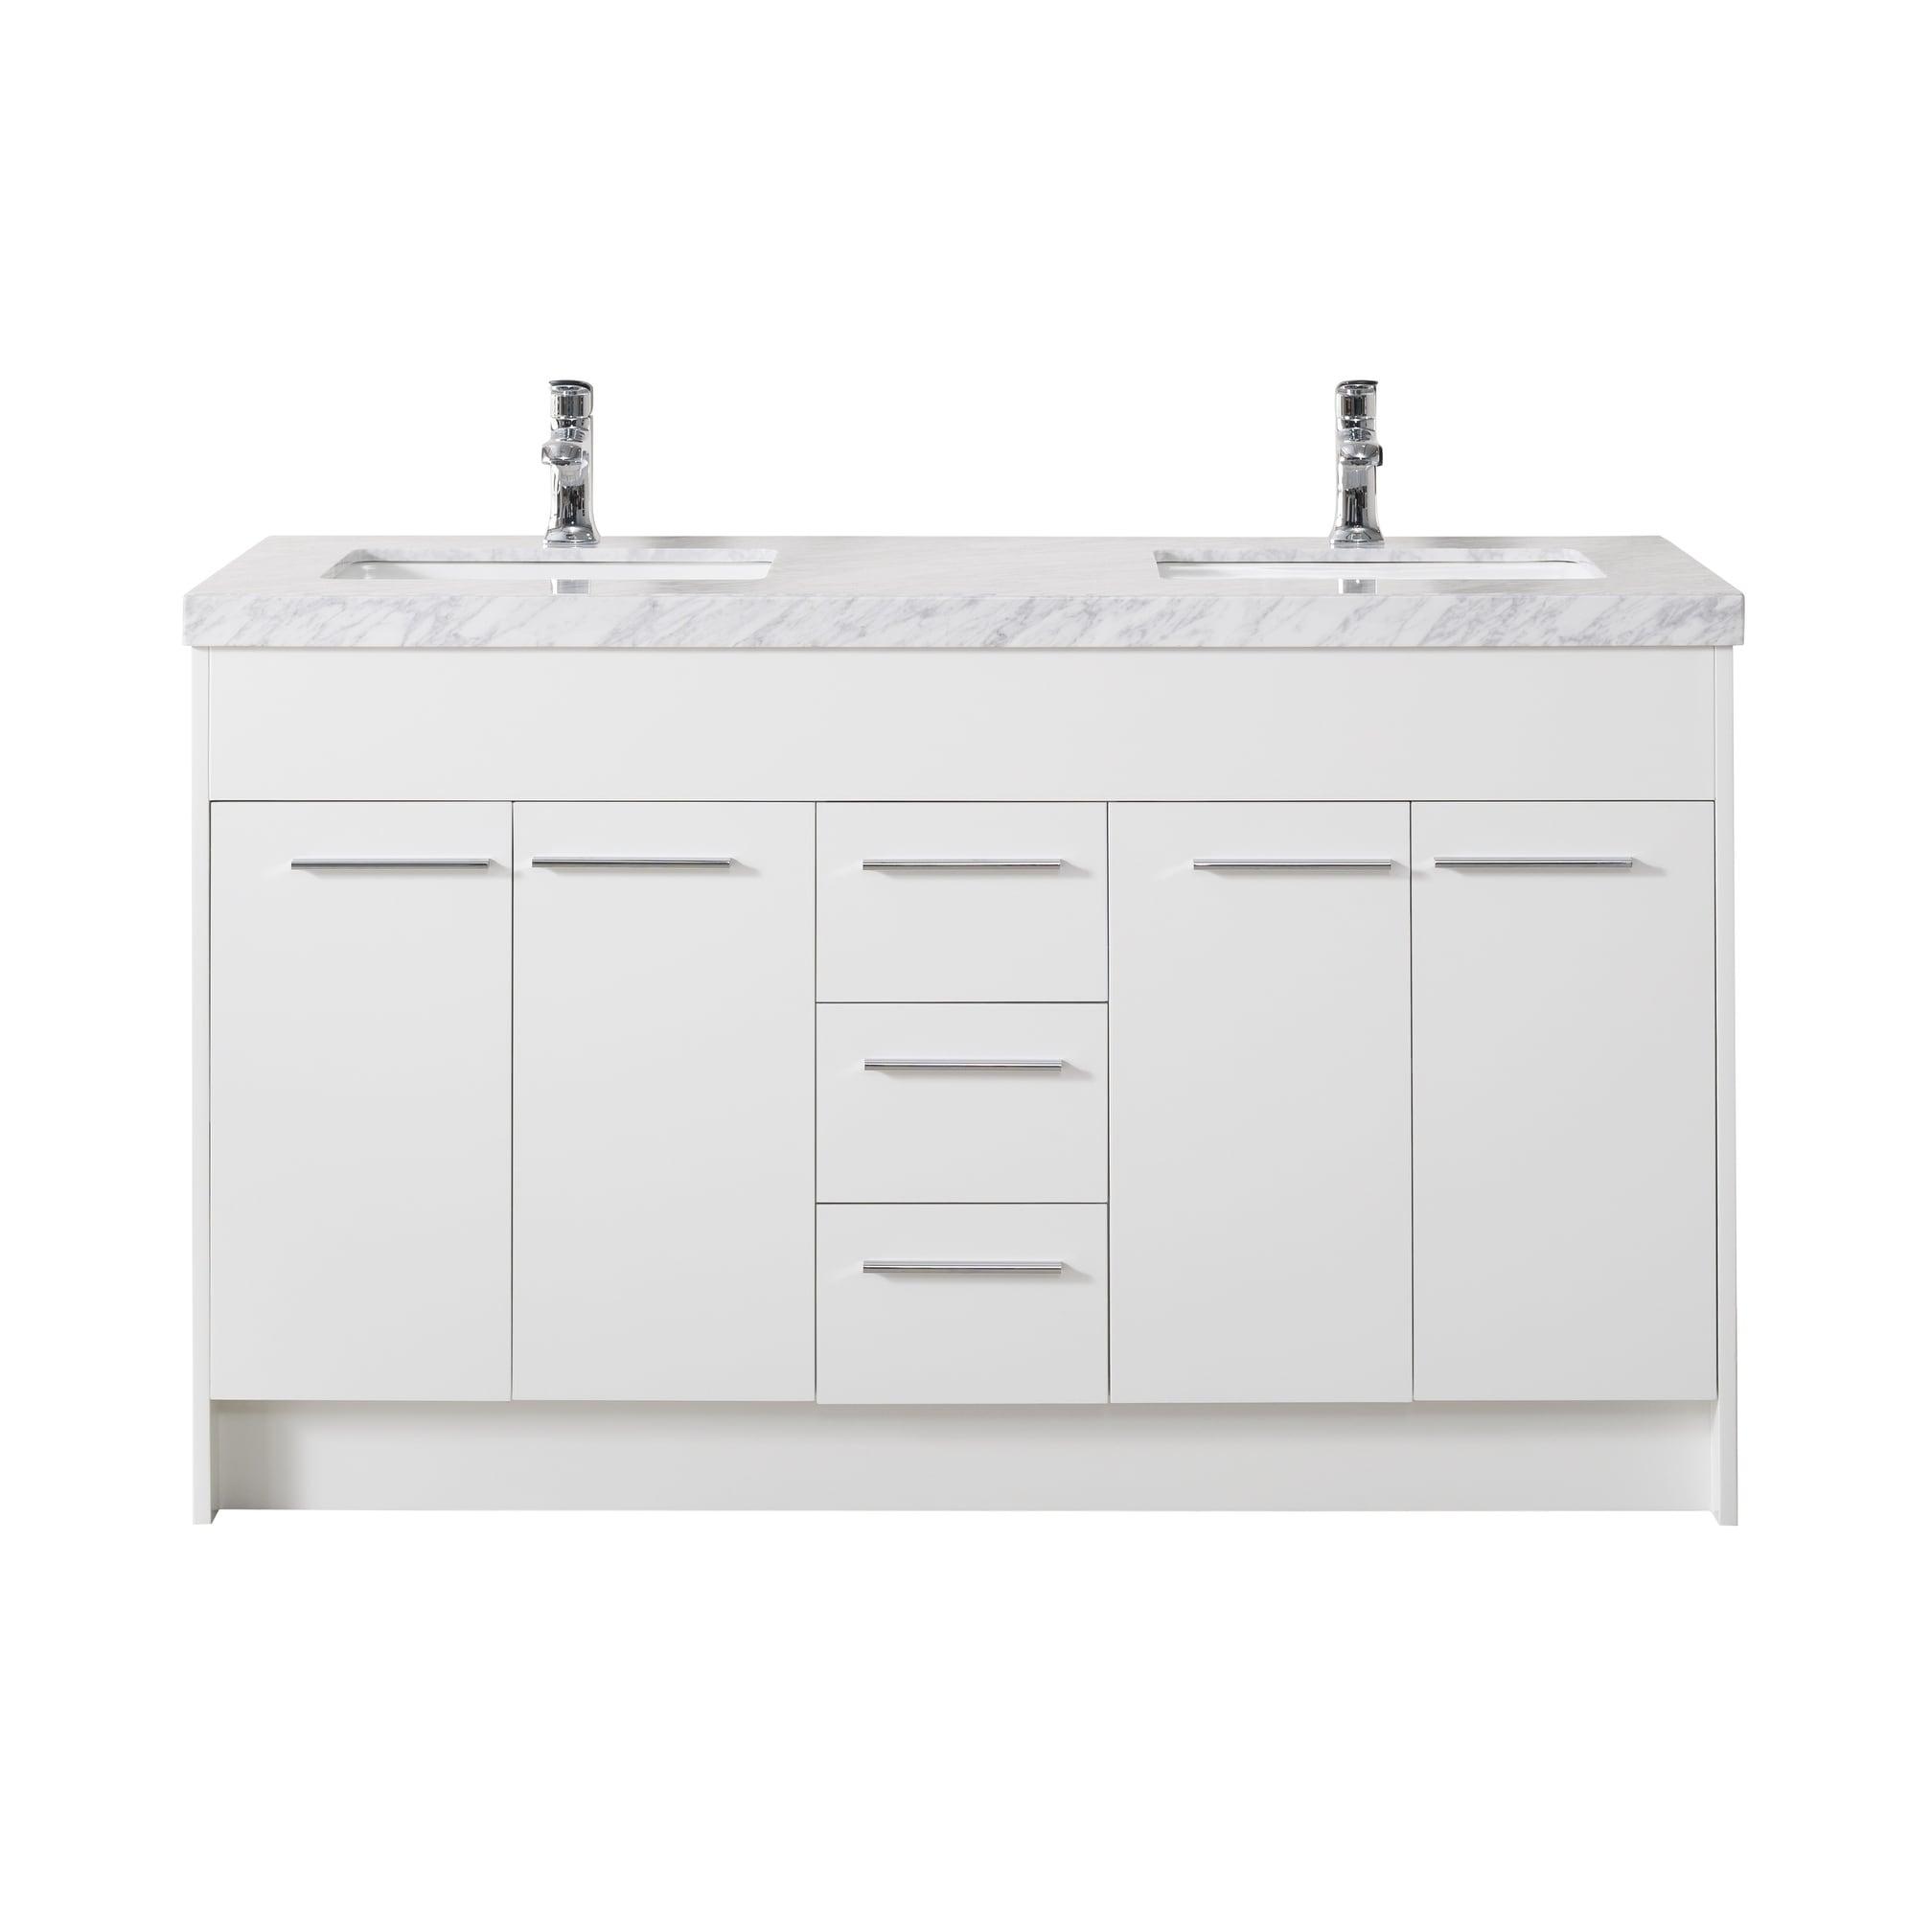 Stufurhome Lotus 60 Inch White Double Sink Bathroom Vanity